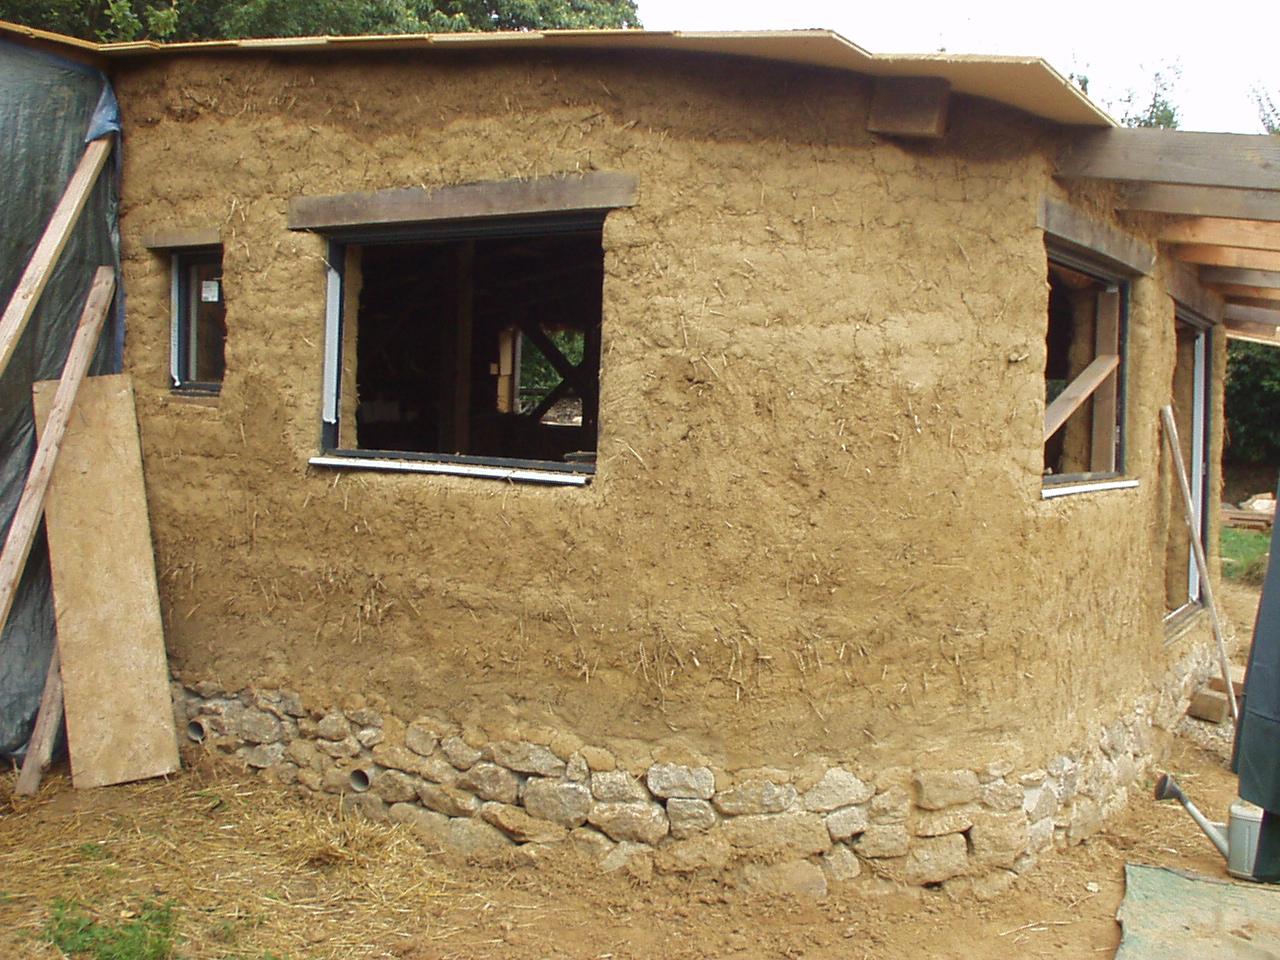 Maison terre et paille un toit des murs en bauge presque finis - Terre contre mur maison ...